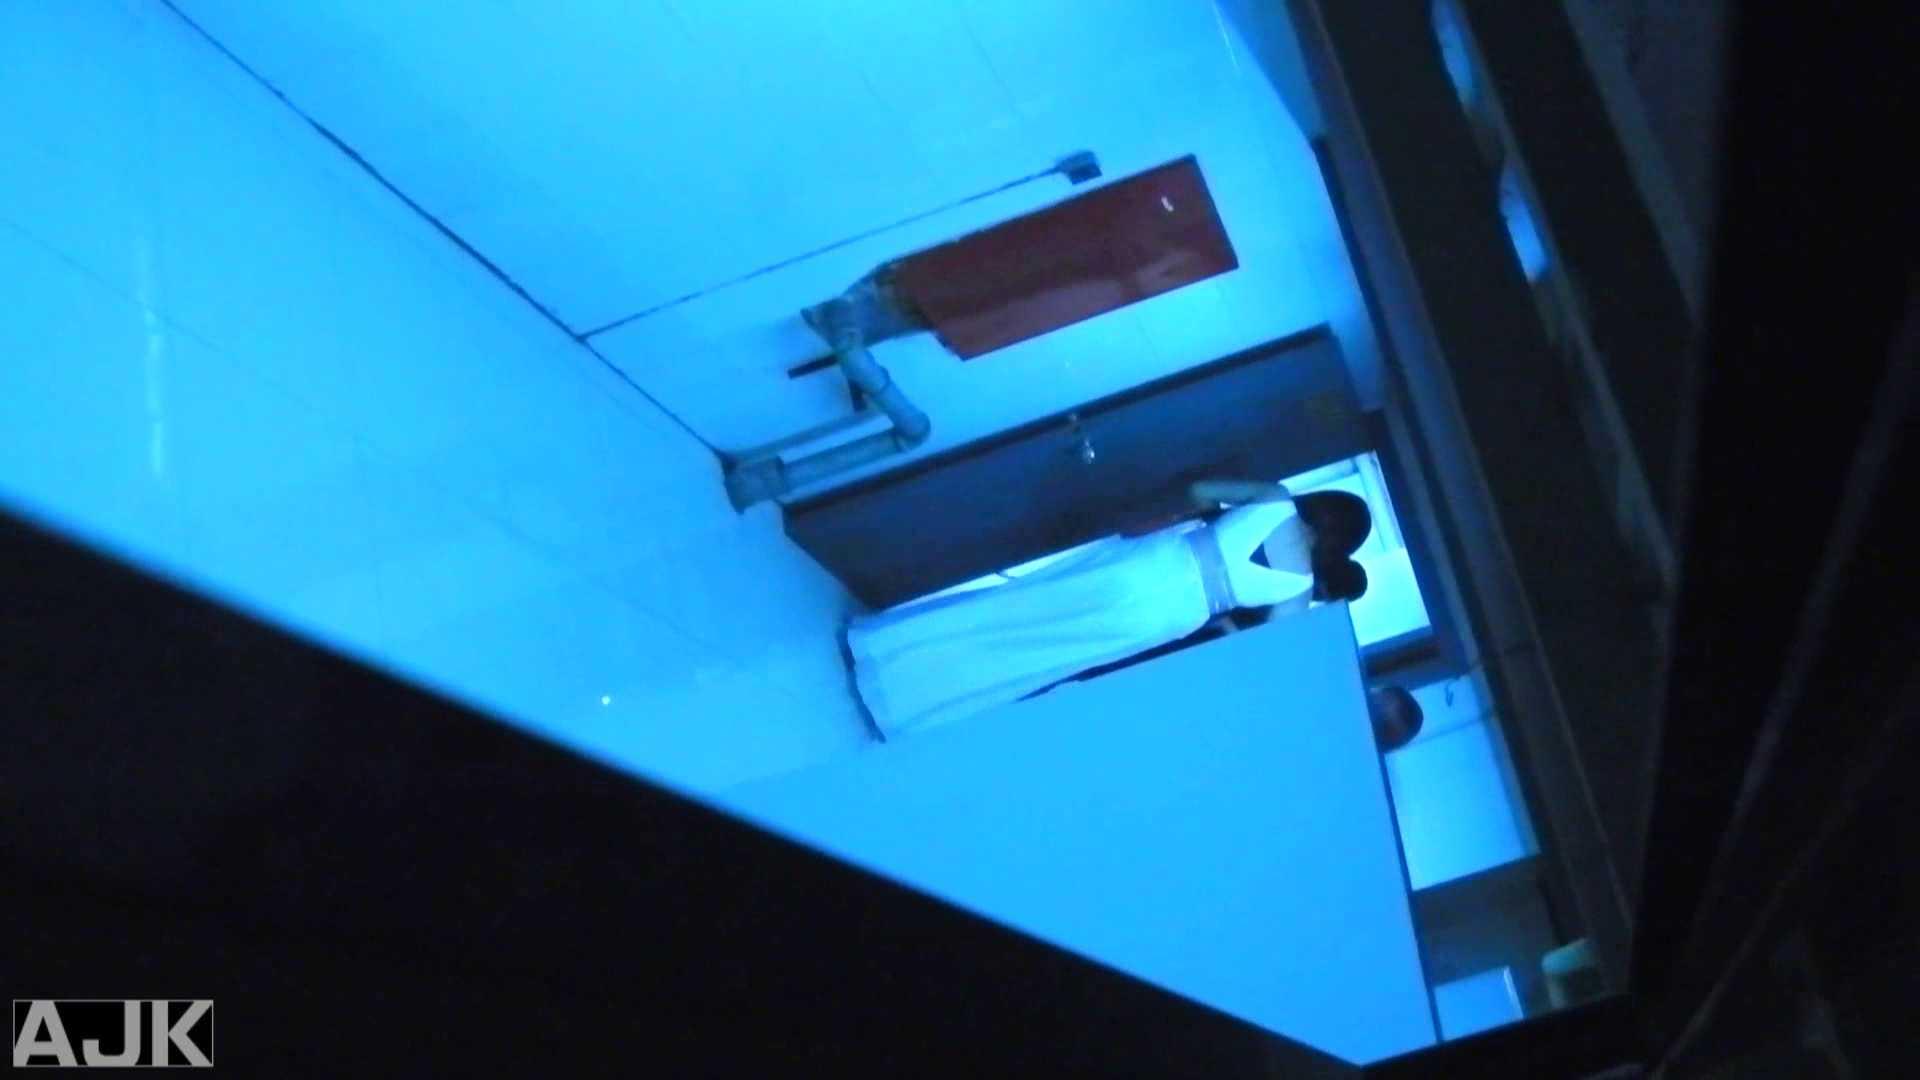 隣国上階級エリアの令嬢たちが集うデパートお手洗い Vol.24 おまんこ オマンコ動画キャプチャ 82画像 10